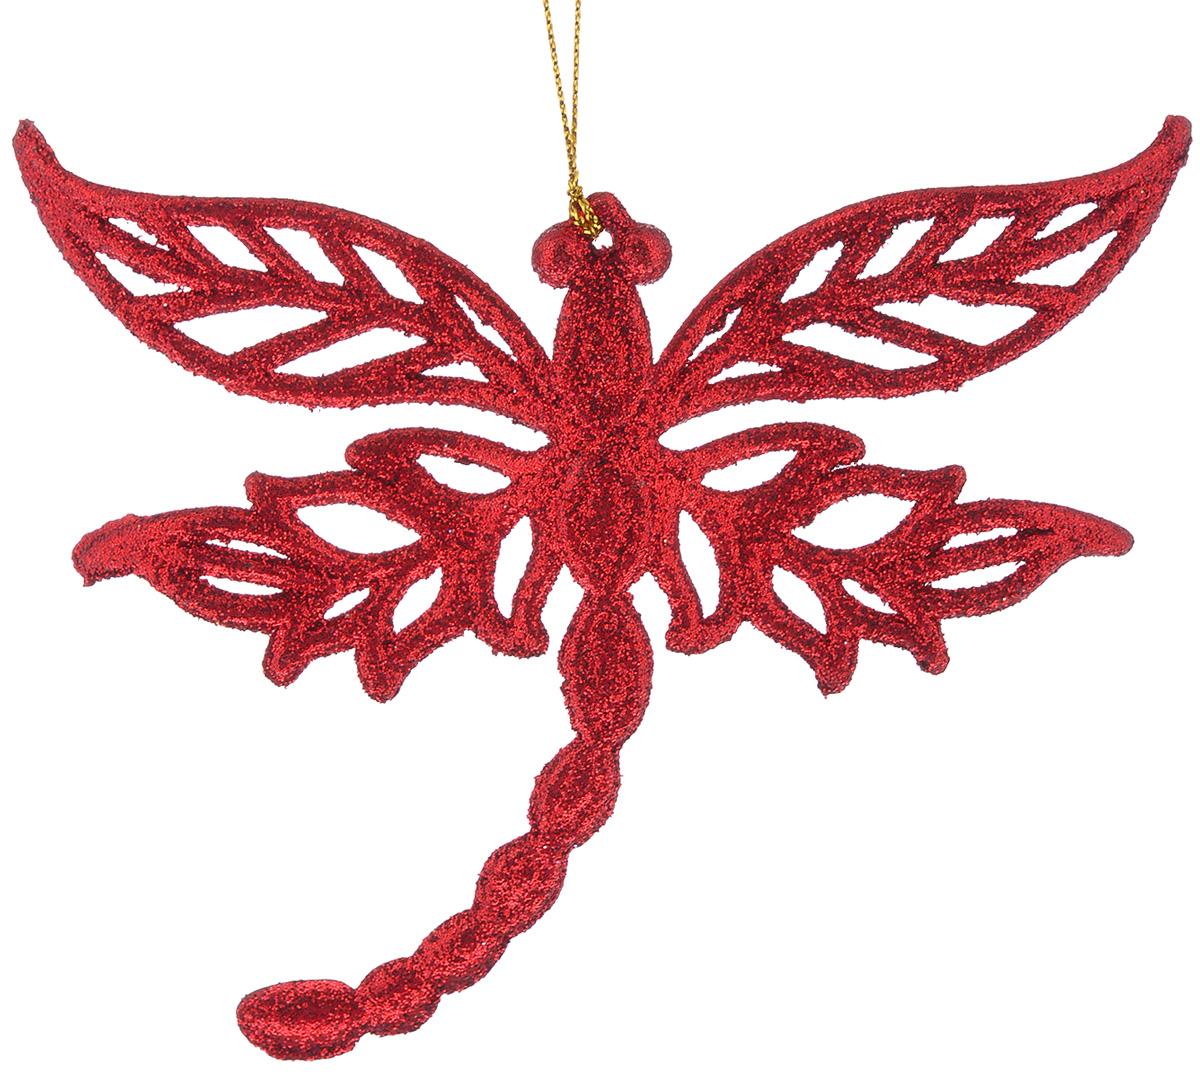 Новогоднее подвесное украшение Феникс-Презент Стрекоза35012Новогоднее подвесное украшение Феникс-Презент Стрекоза, изготовленное из высококачественного пластика, прекрасно подойдет для праздничного декора дома и новогодней ели. С помощью специальной текстильной петельки его можно повесить в любом понравившемся вам месте. Елочная игрушка - символ Нового года. Она несет в себе волшебство и красоту праздника. Создайте в своем доме атмосферу веселья и радости, украшая новогоднюю елку нарядными игрушками, которые будут из года в год накапливать теплоту воспоминаний.